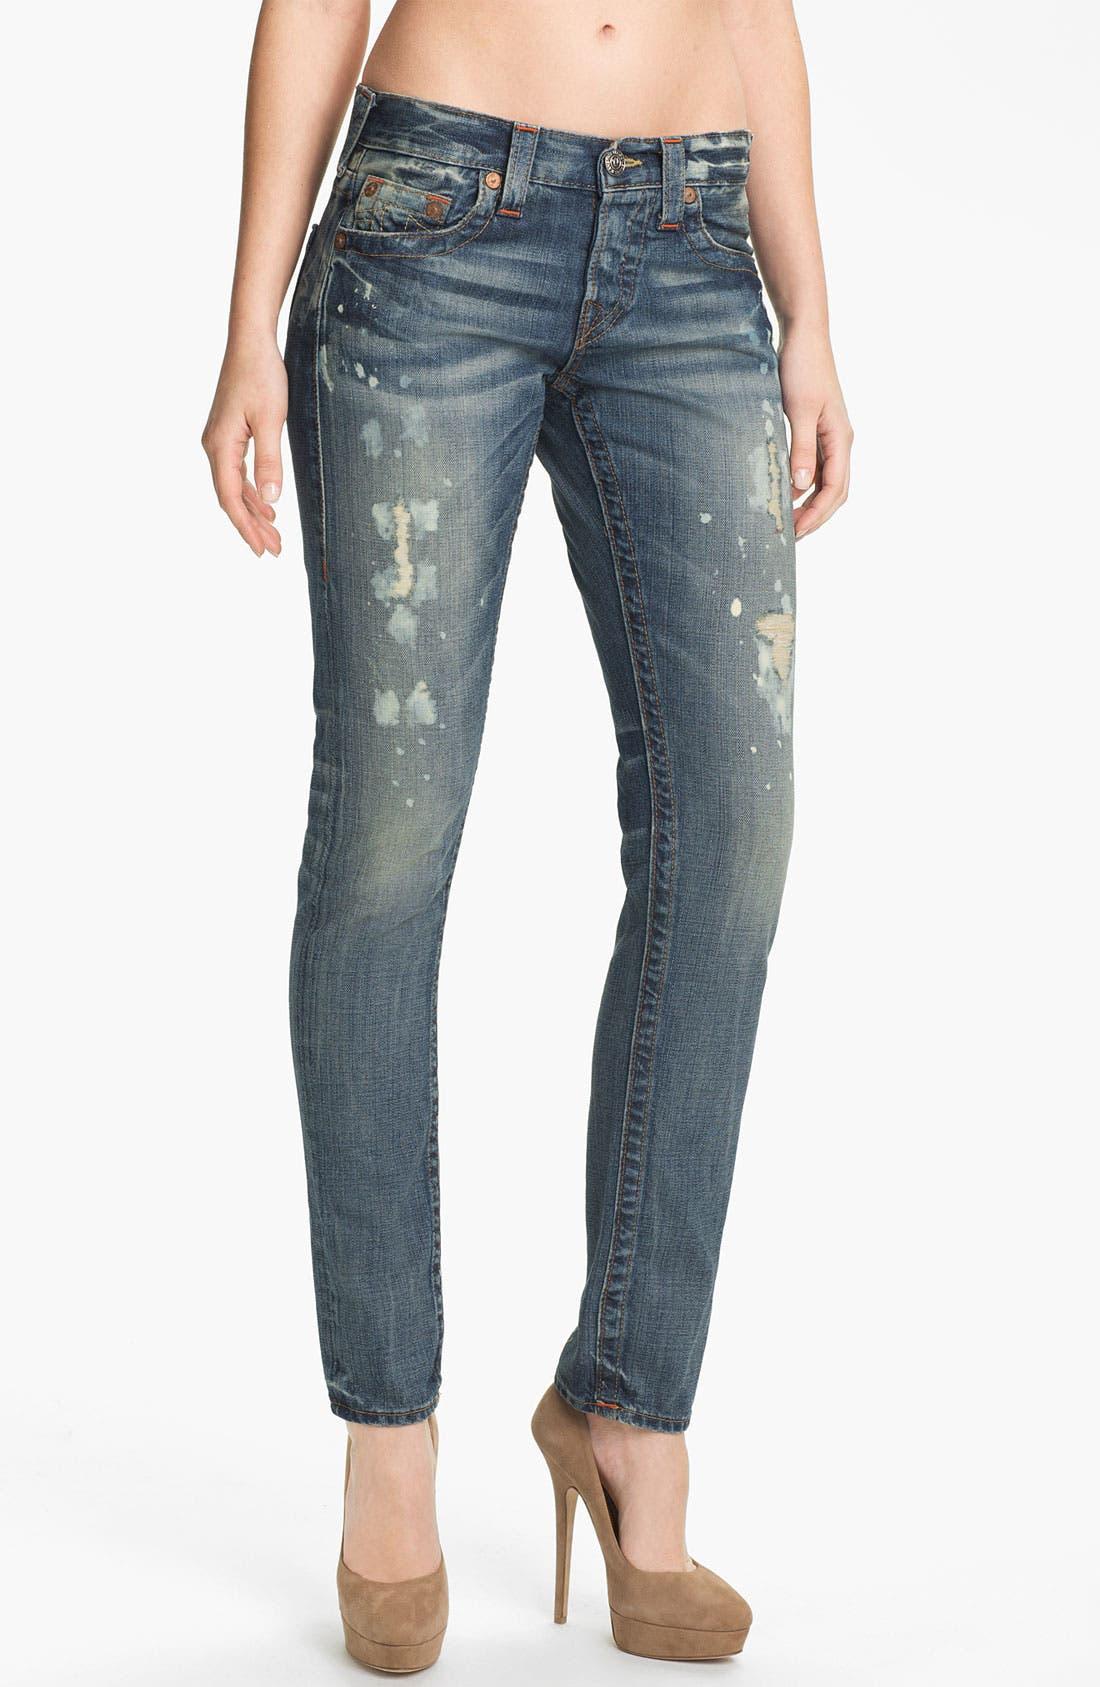 Main Image - True Religion Brand Jeans 'Brianna' Boyfriend Jeans (Black Water)